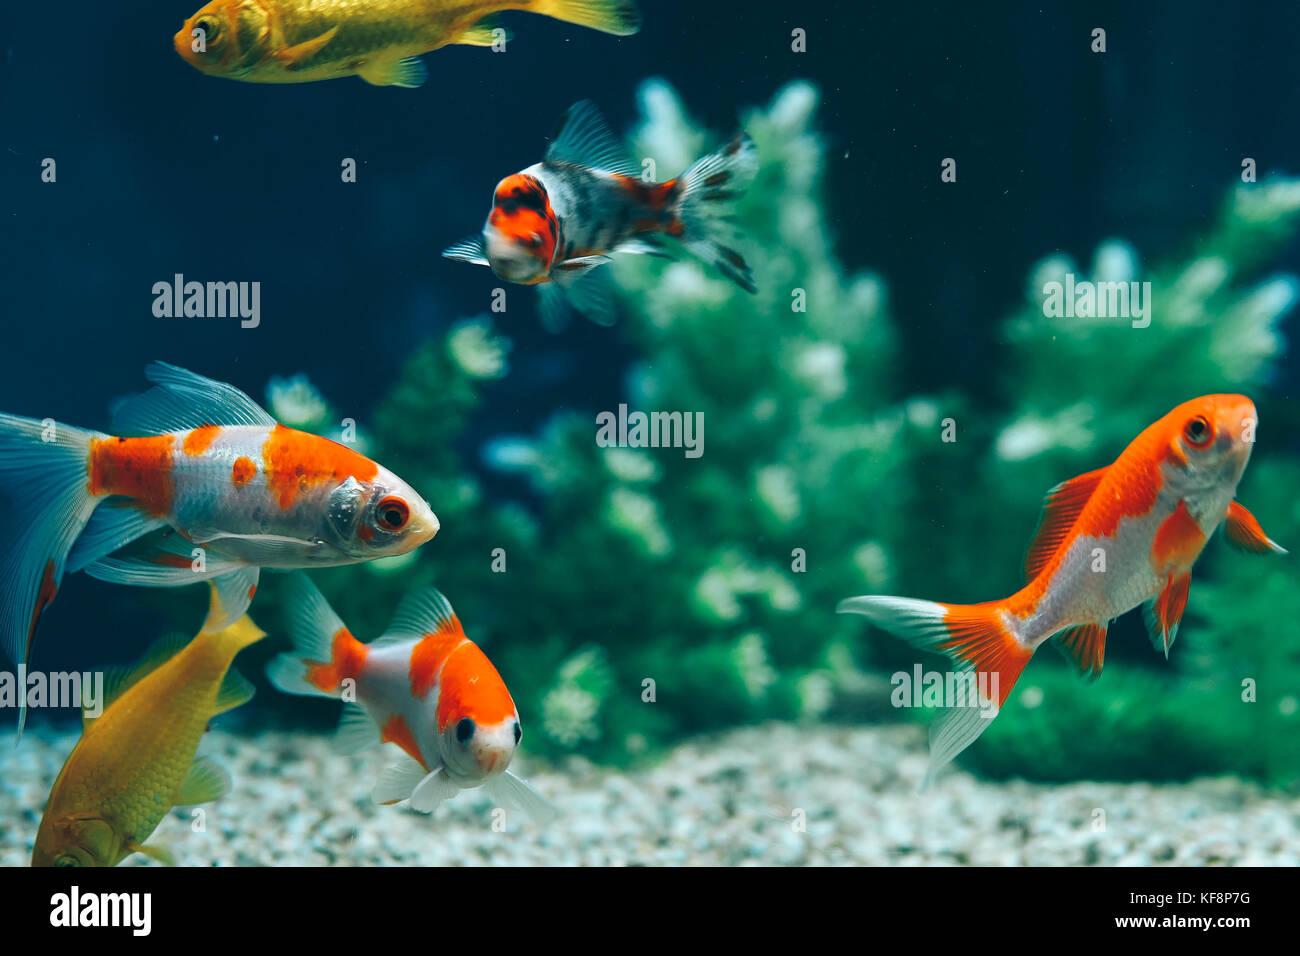 Yellow and Red Goldfish Swimming In Aquarium Stock Photo: 164306228 ...